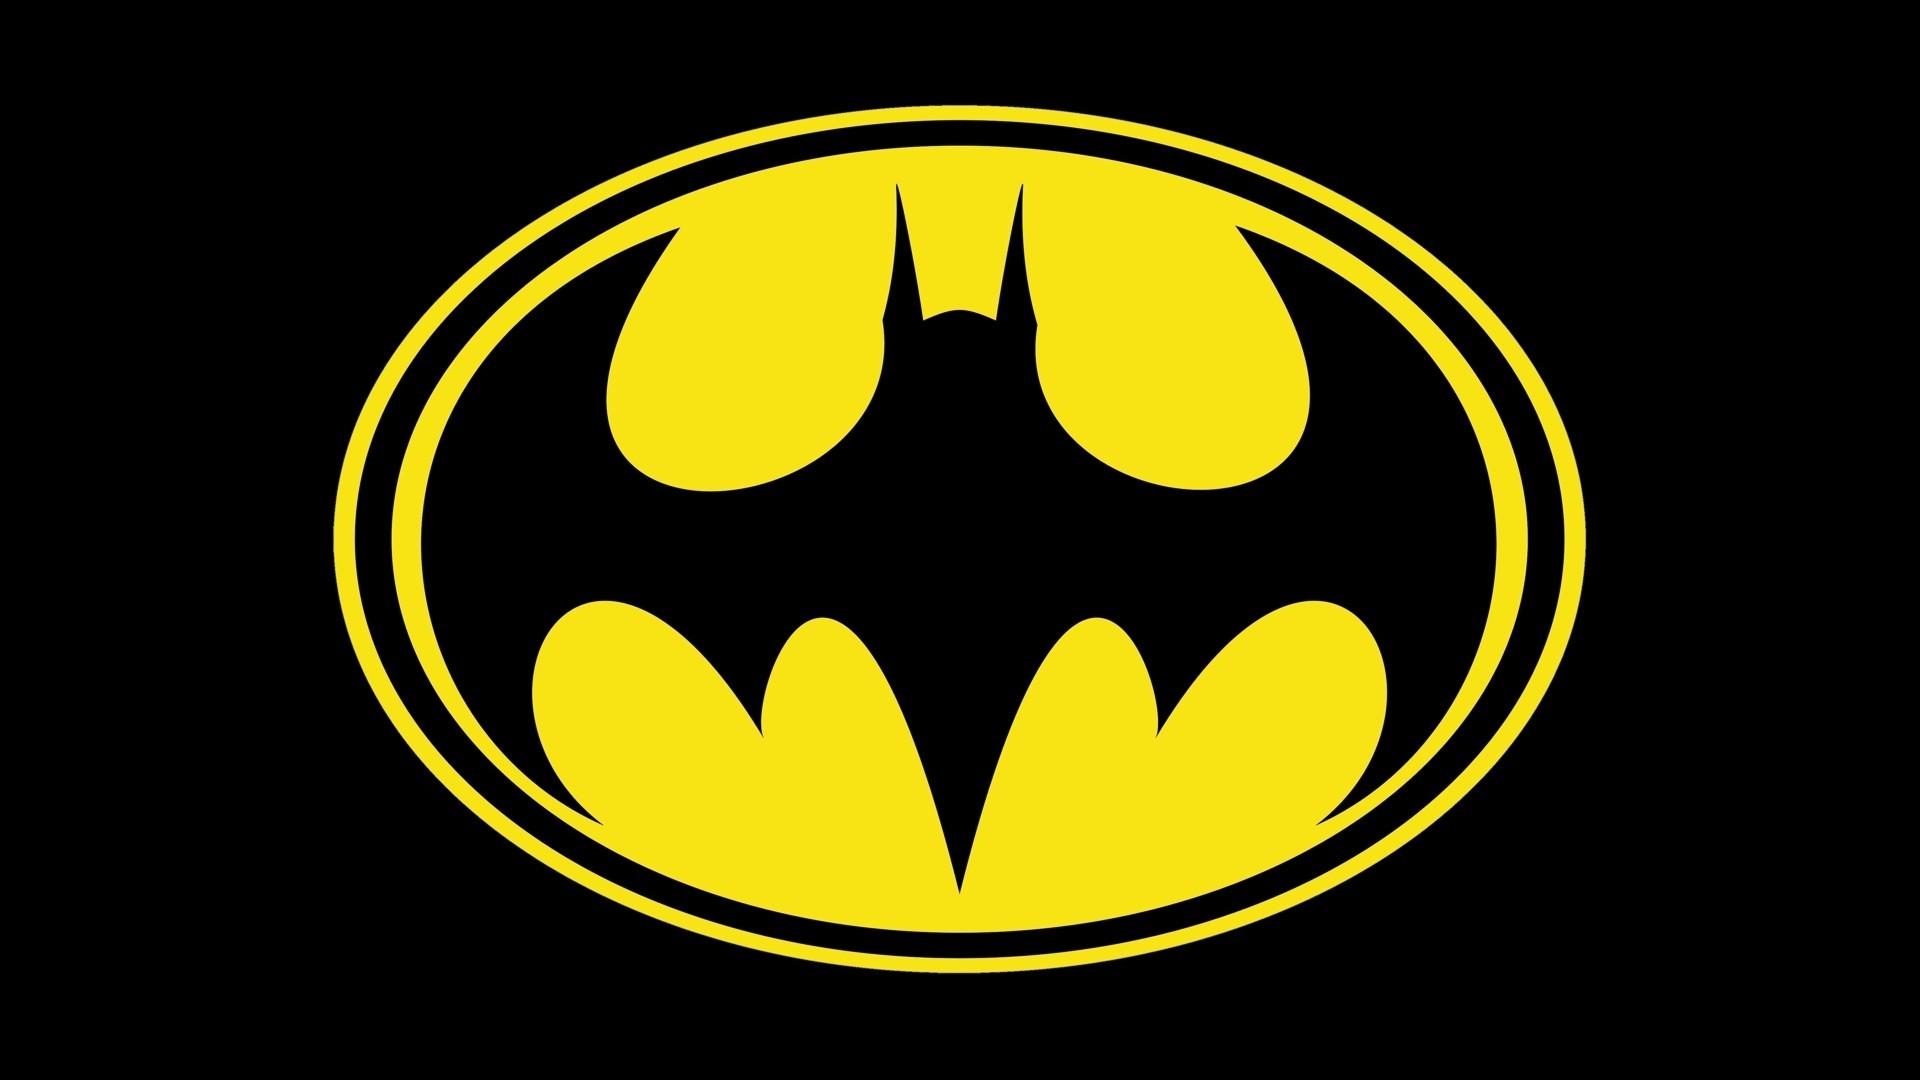 Wallpaper 1920x1080 Px Batman Logo Black 1920x1080